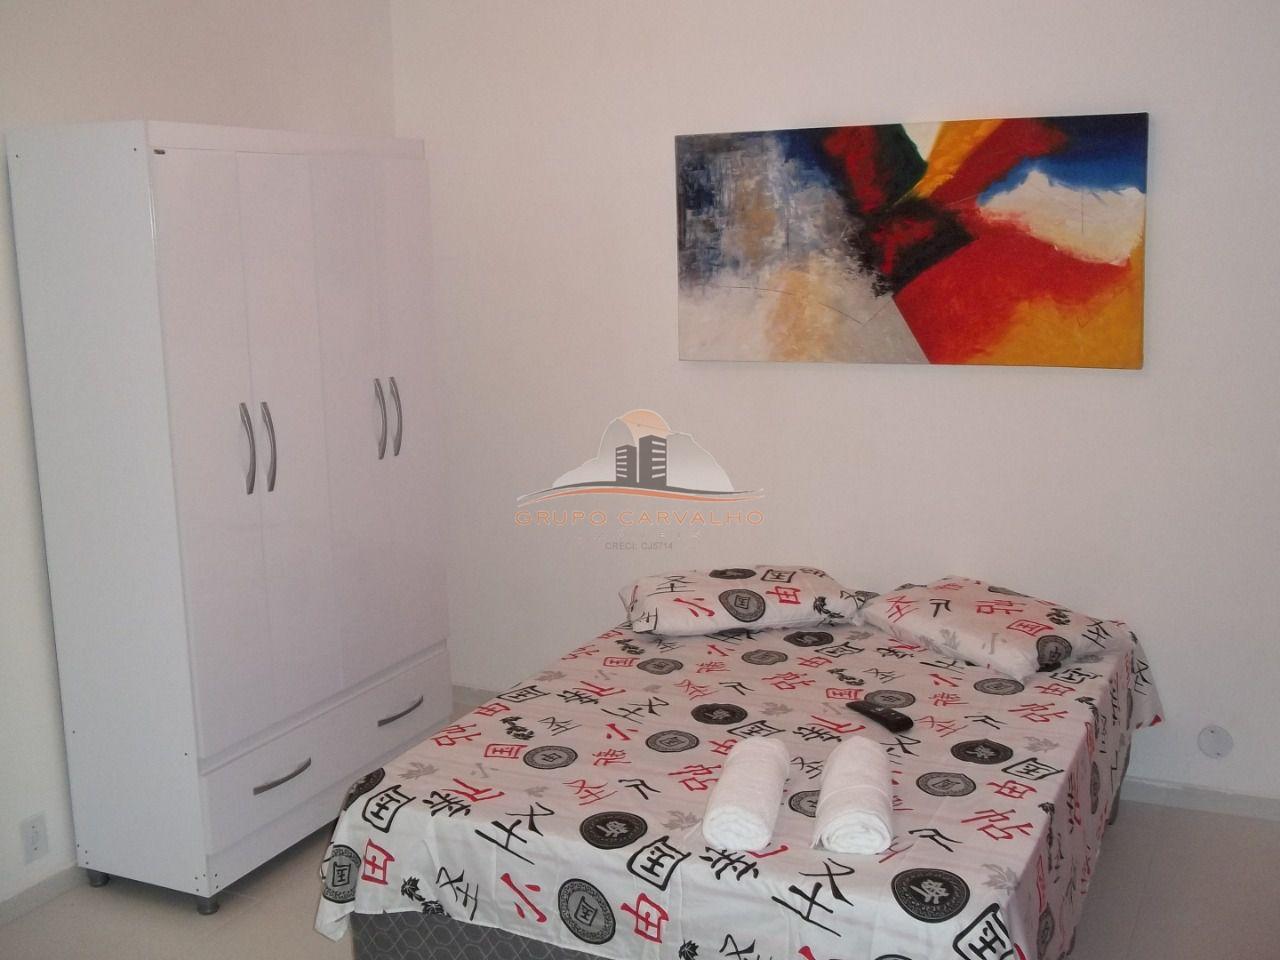 Kitnet/Conjugado 25m² à venda Rua Riachuelo,Rio de Janeiro,RJ - R$ 195.000 - CJI0011 - 18